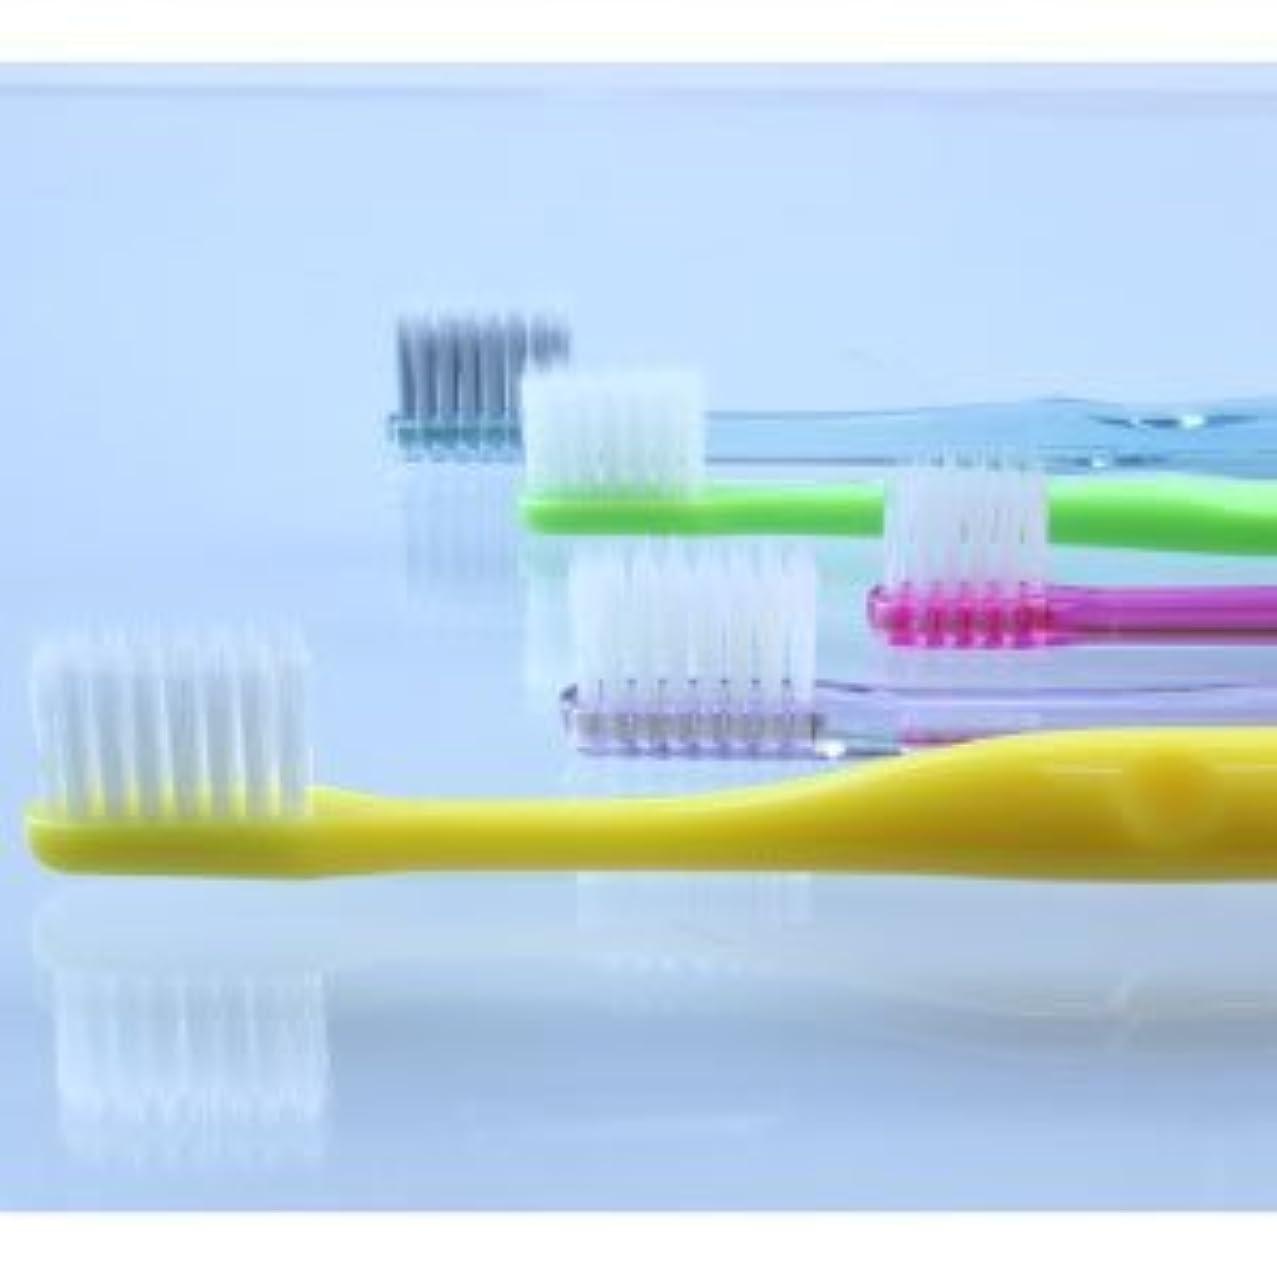 神秘お手伝いさんまろやかな5種類の『超先細+フラット毛 歯ブラシ』お試しアソートセット